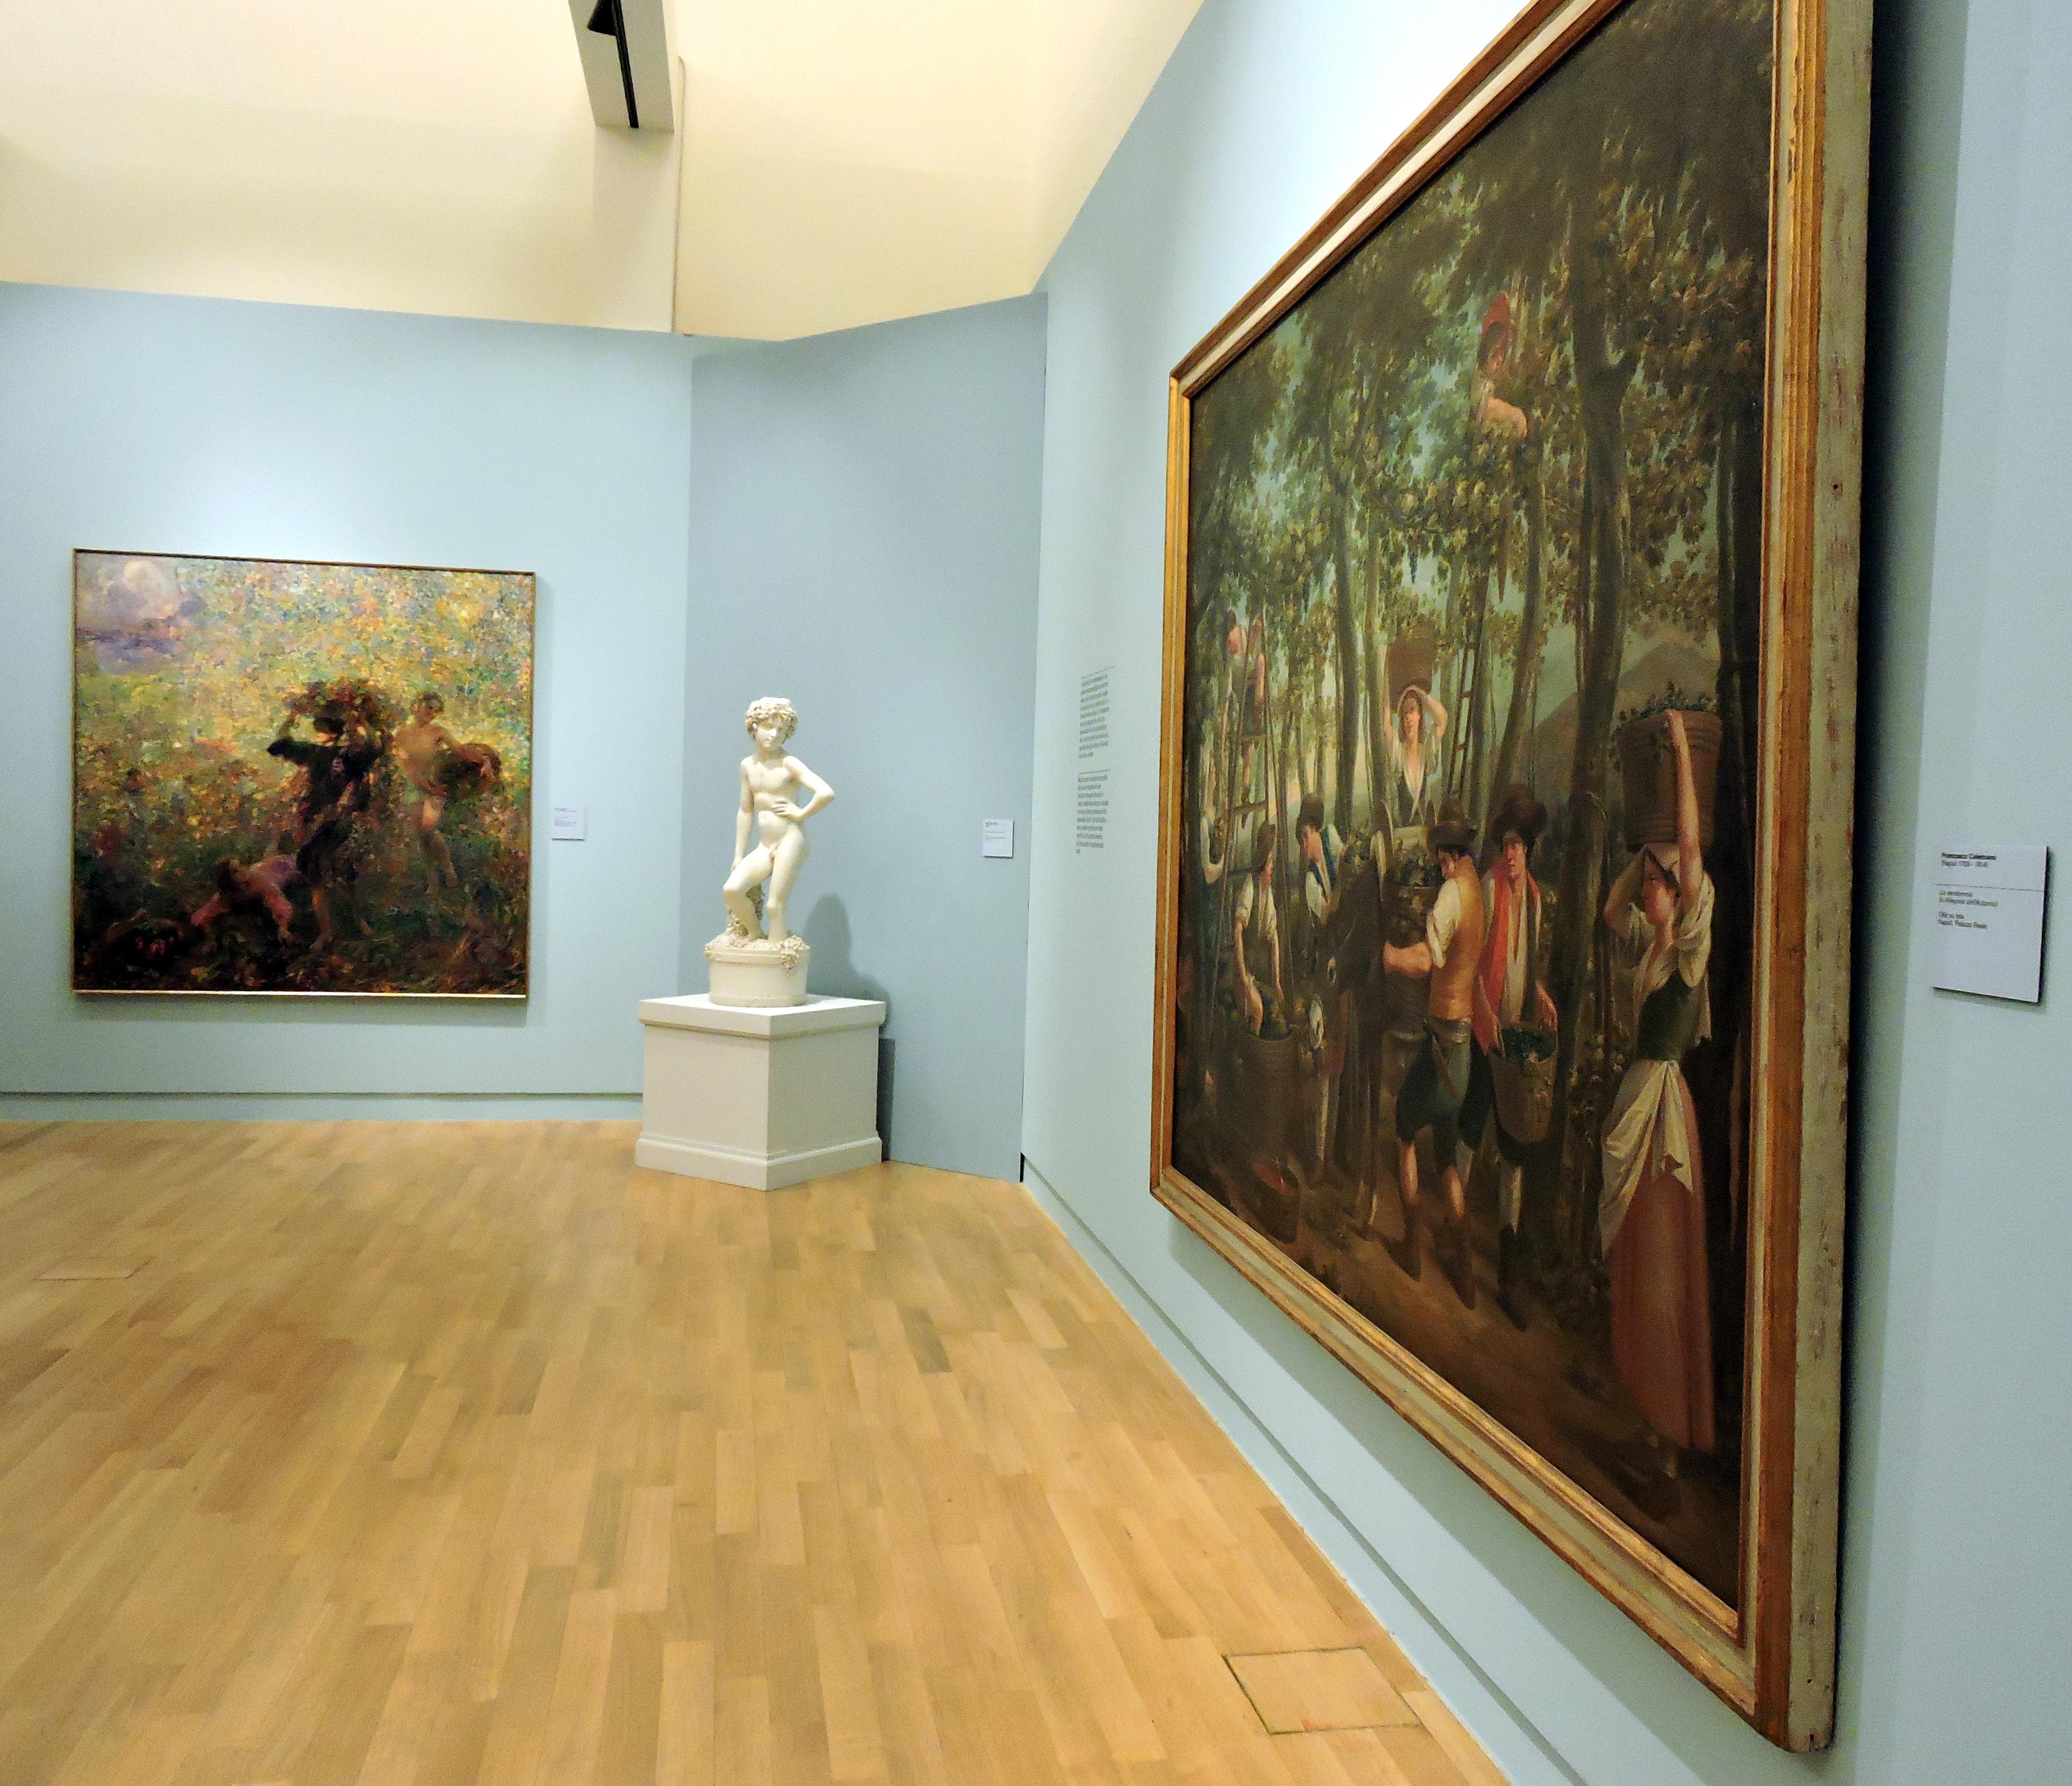 Fotos gratis : madera, piso, pared, museo, Italia, propiedad ...